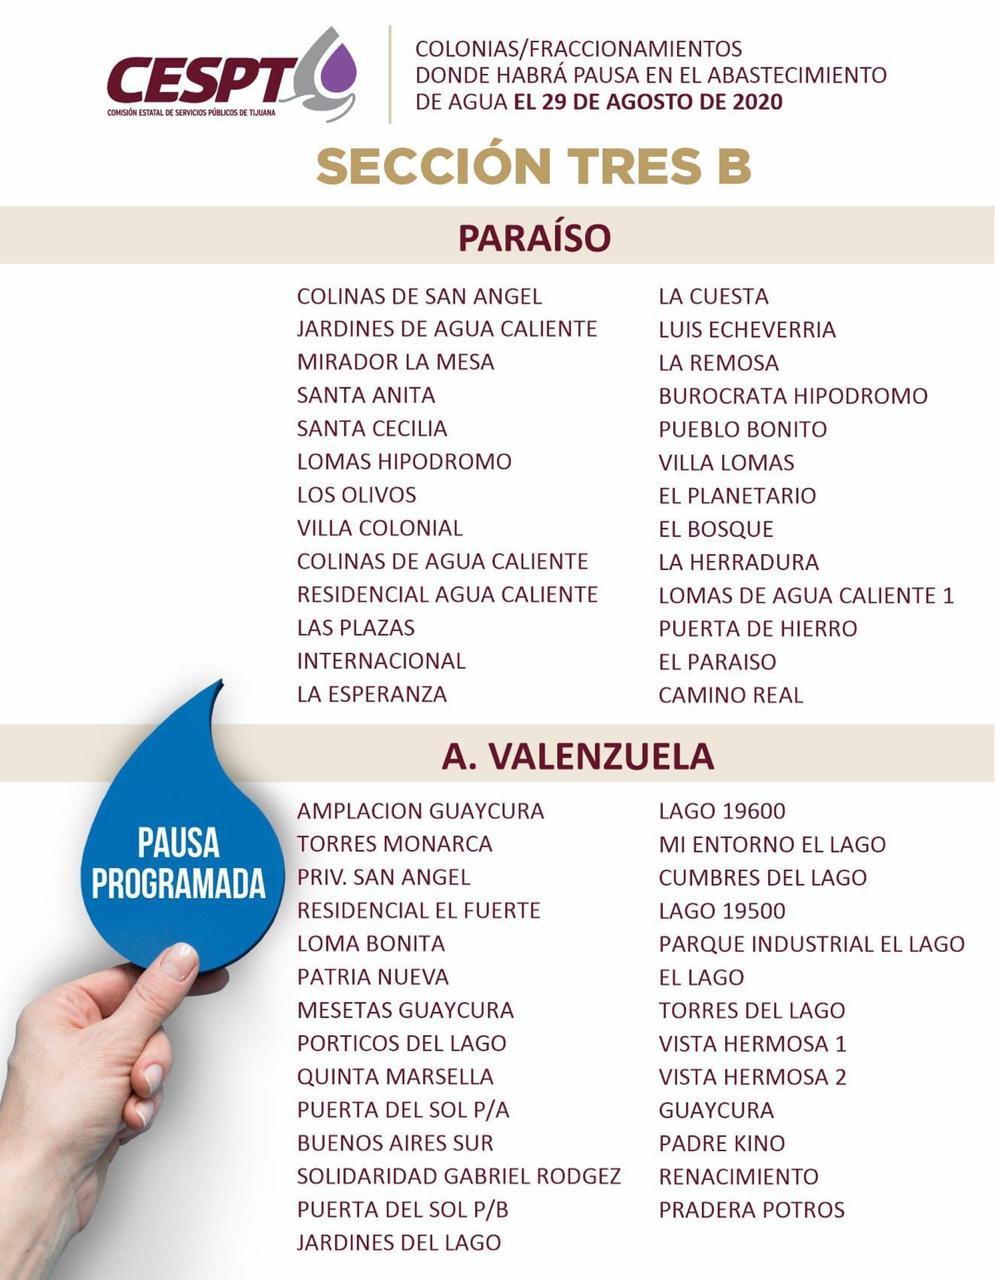 CESPT anuncia lista de colonias Sección 3B